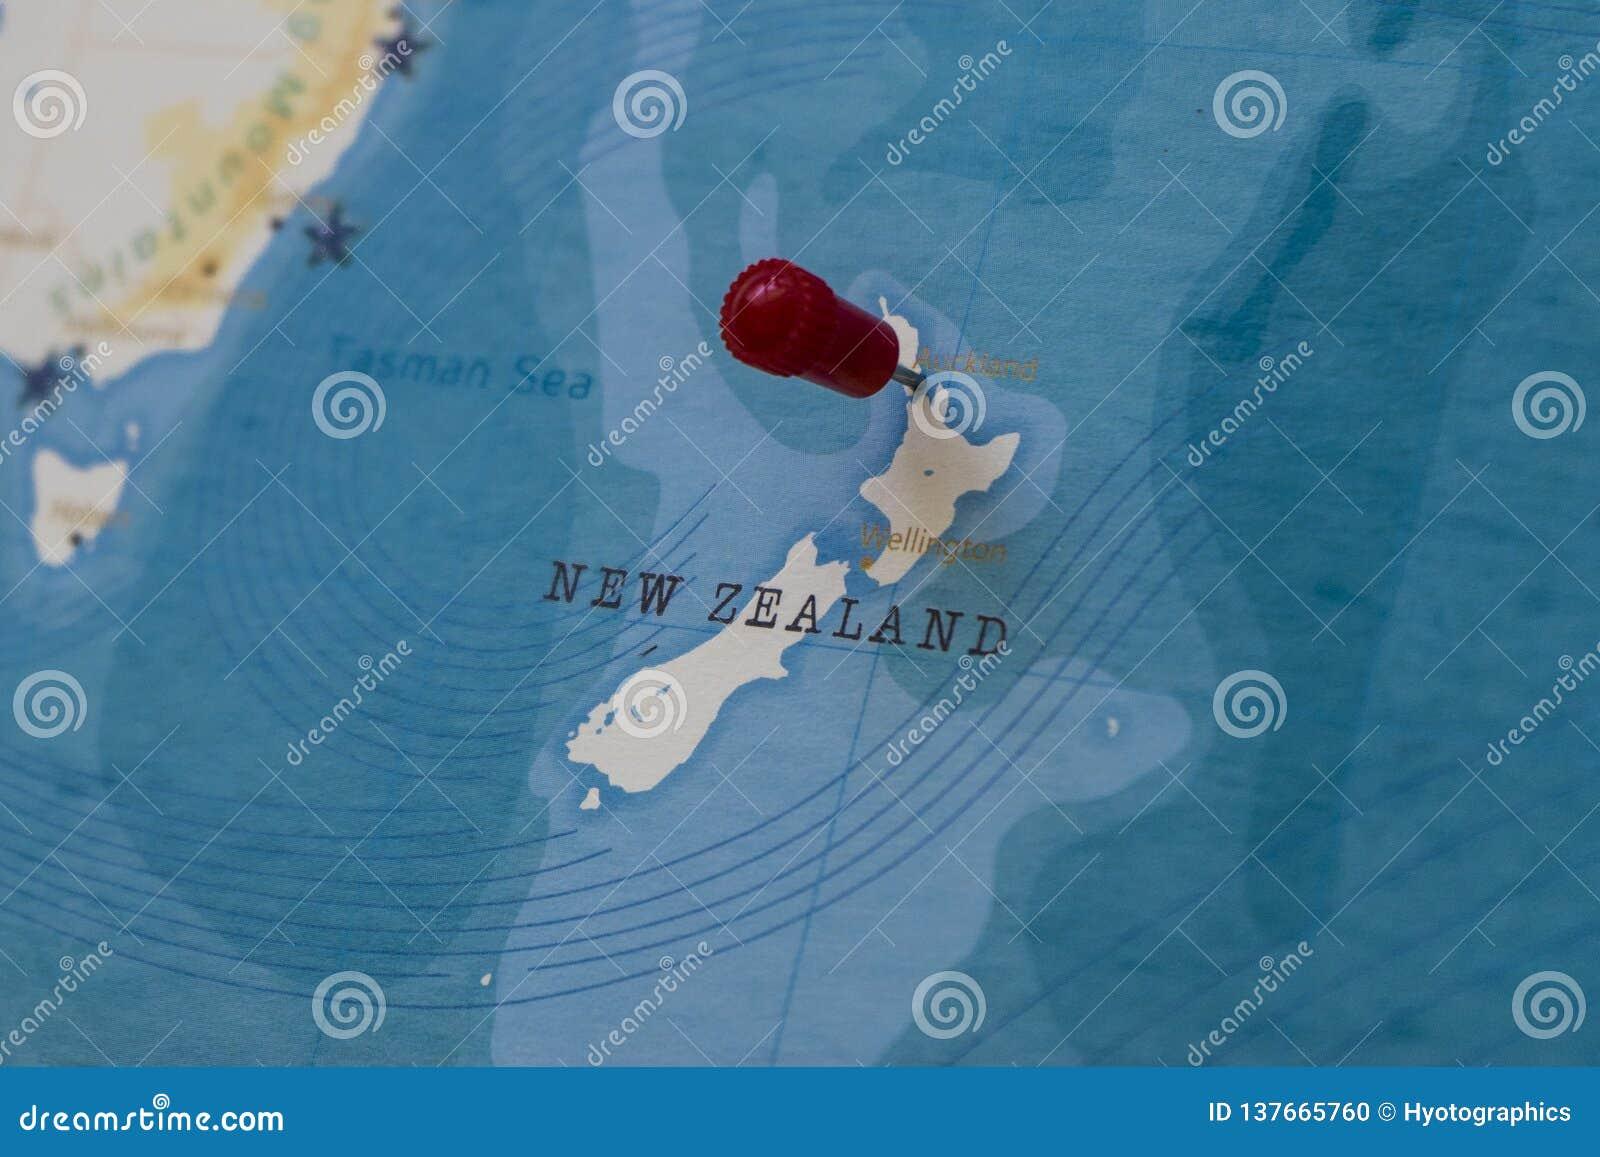 Un perno en Auckland, Nueva Zelanda en el mapa del mundo